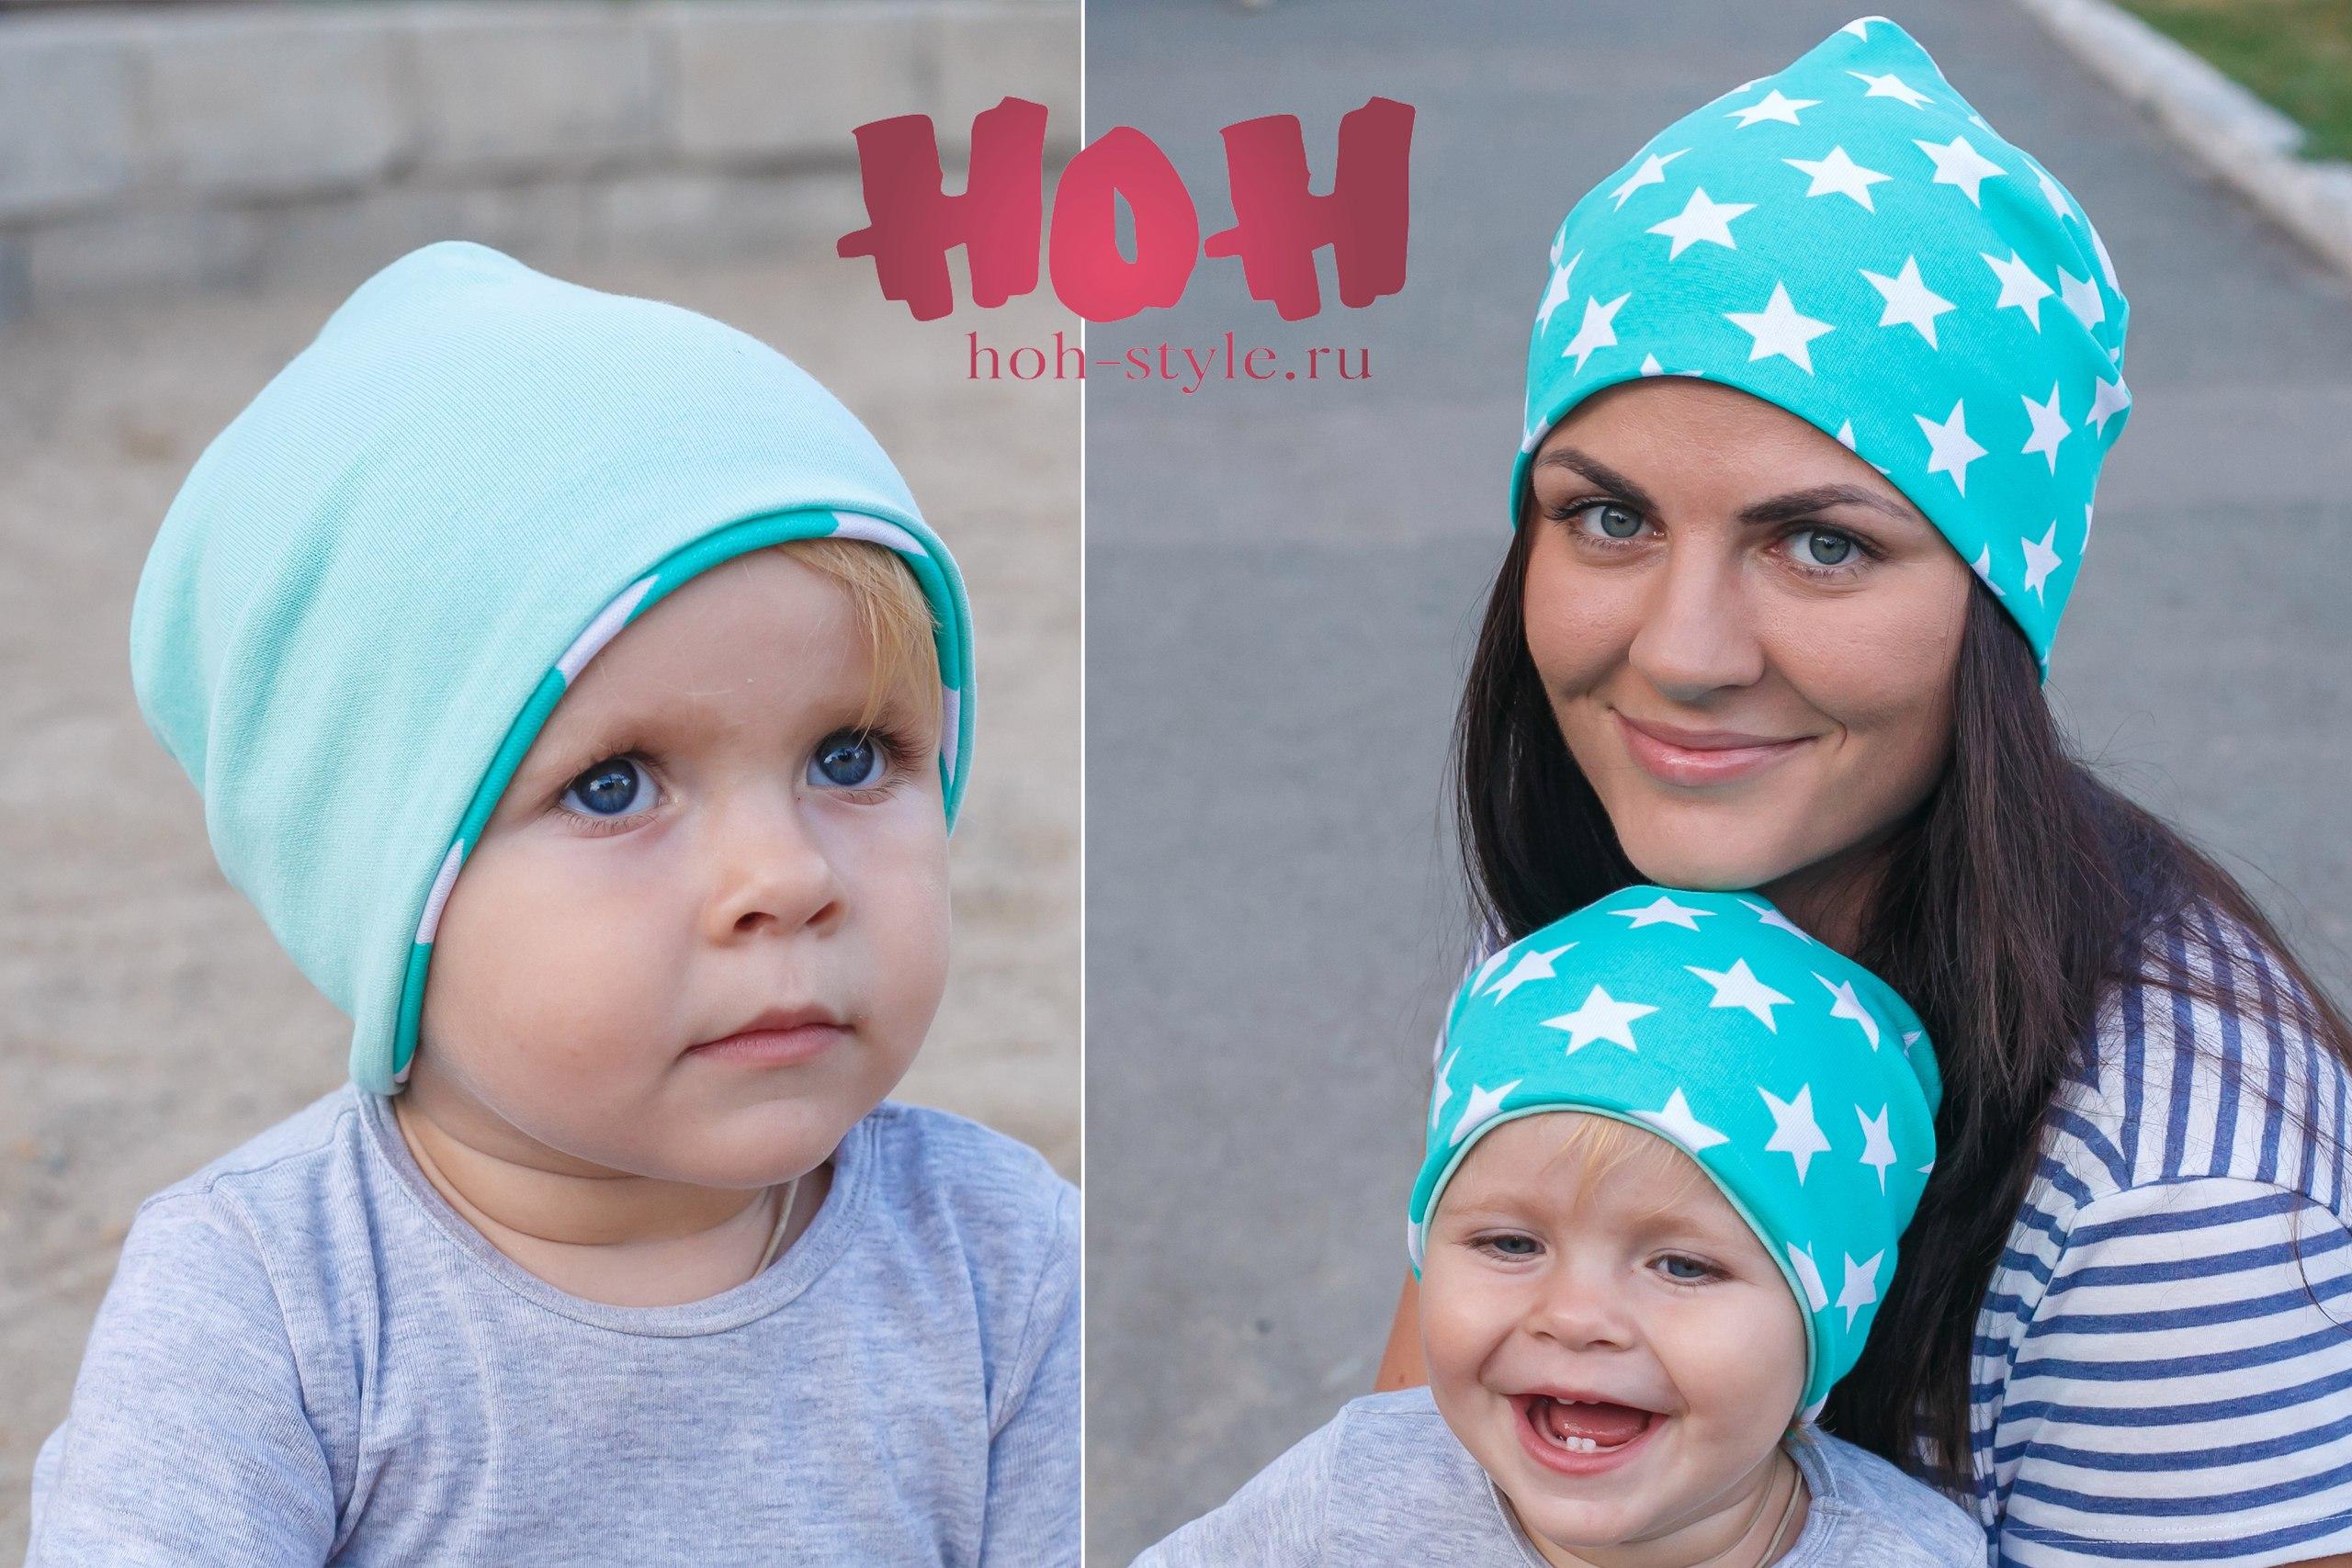 Красивые шапки и снуды. Размеры и для детей, и для взрослых.